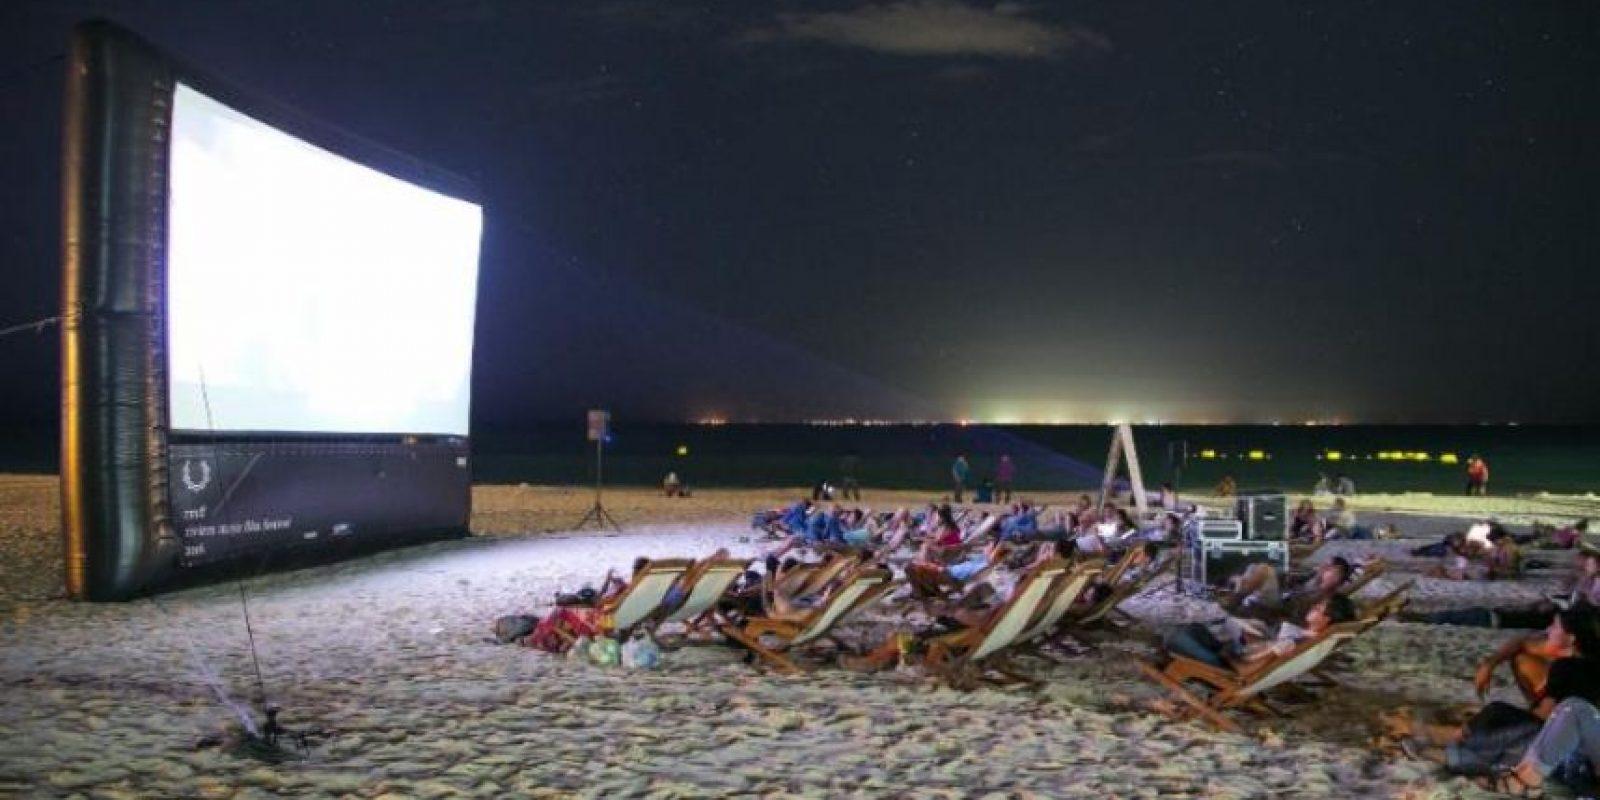 Comenzaron las proyecciones en las playas de Cancún Foto:RMFF